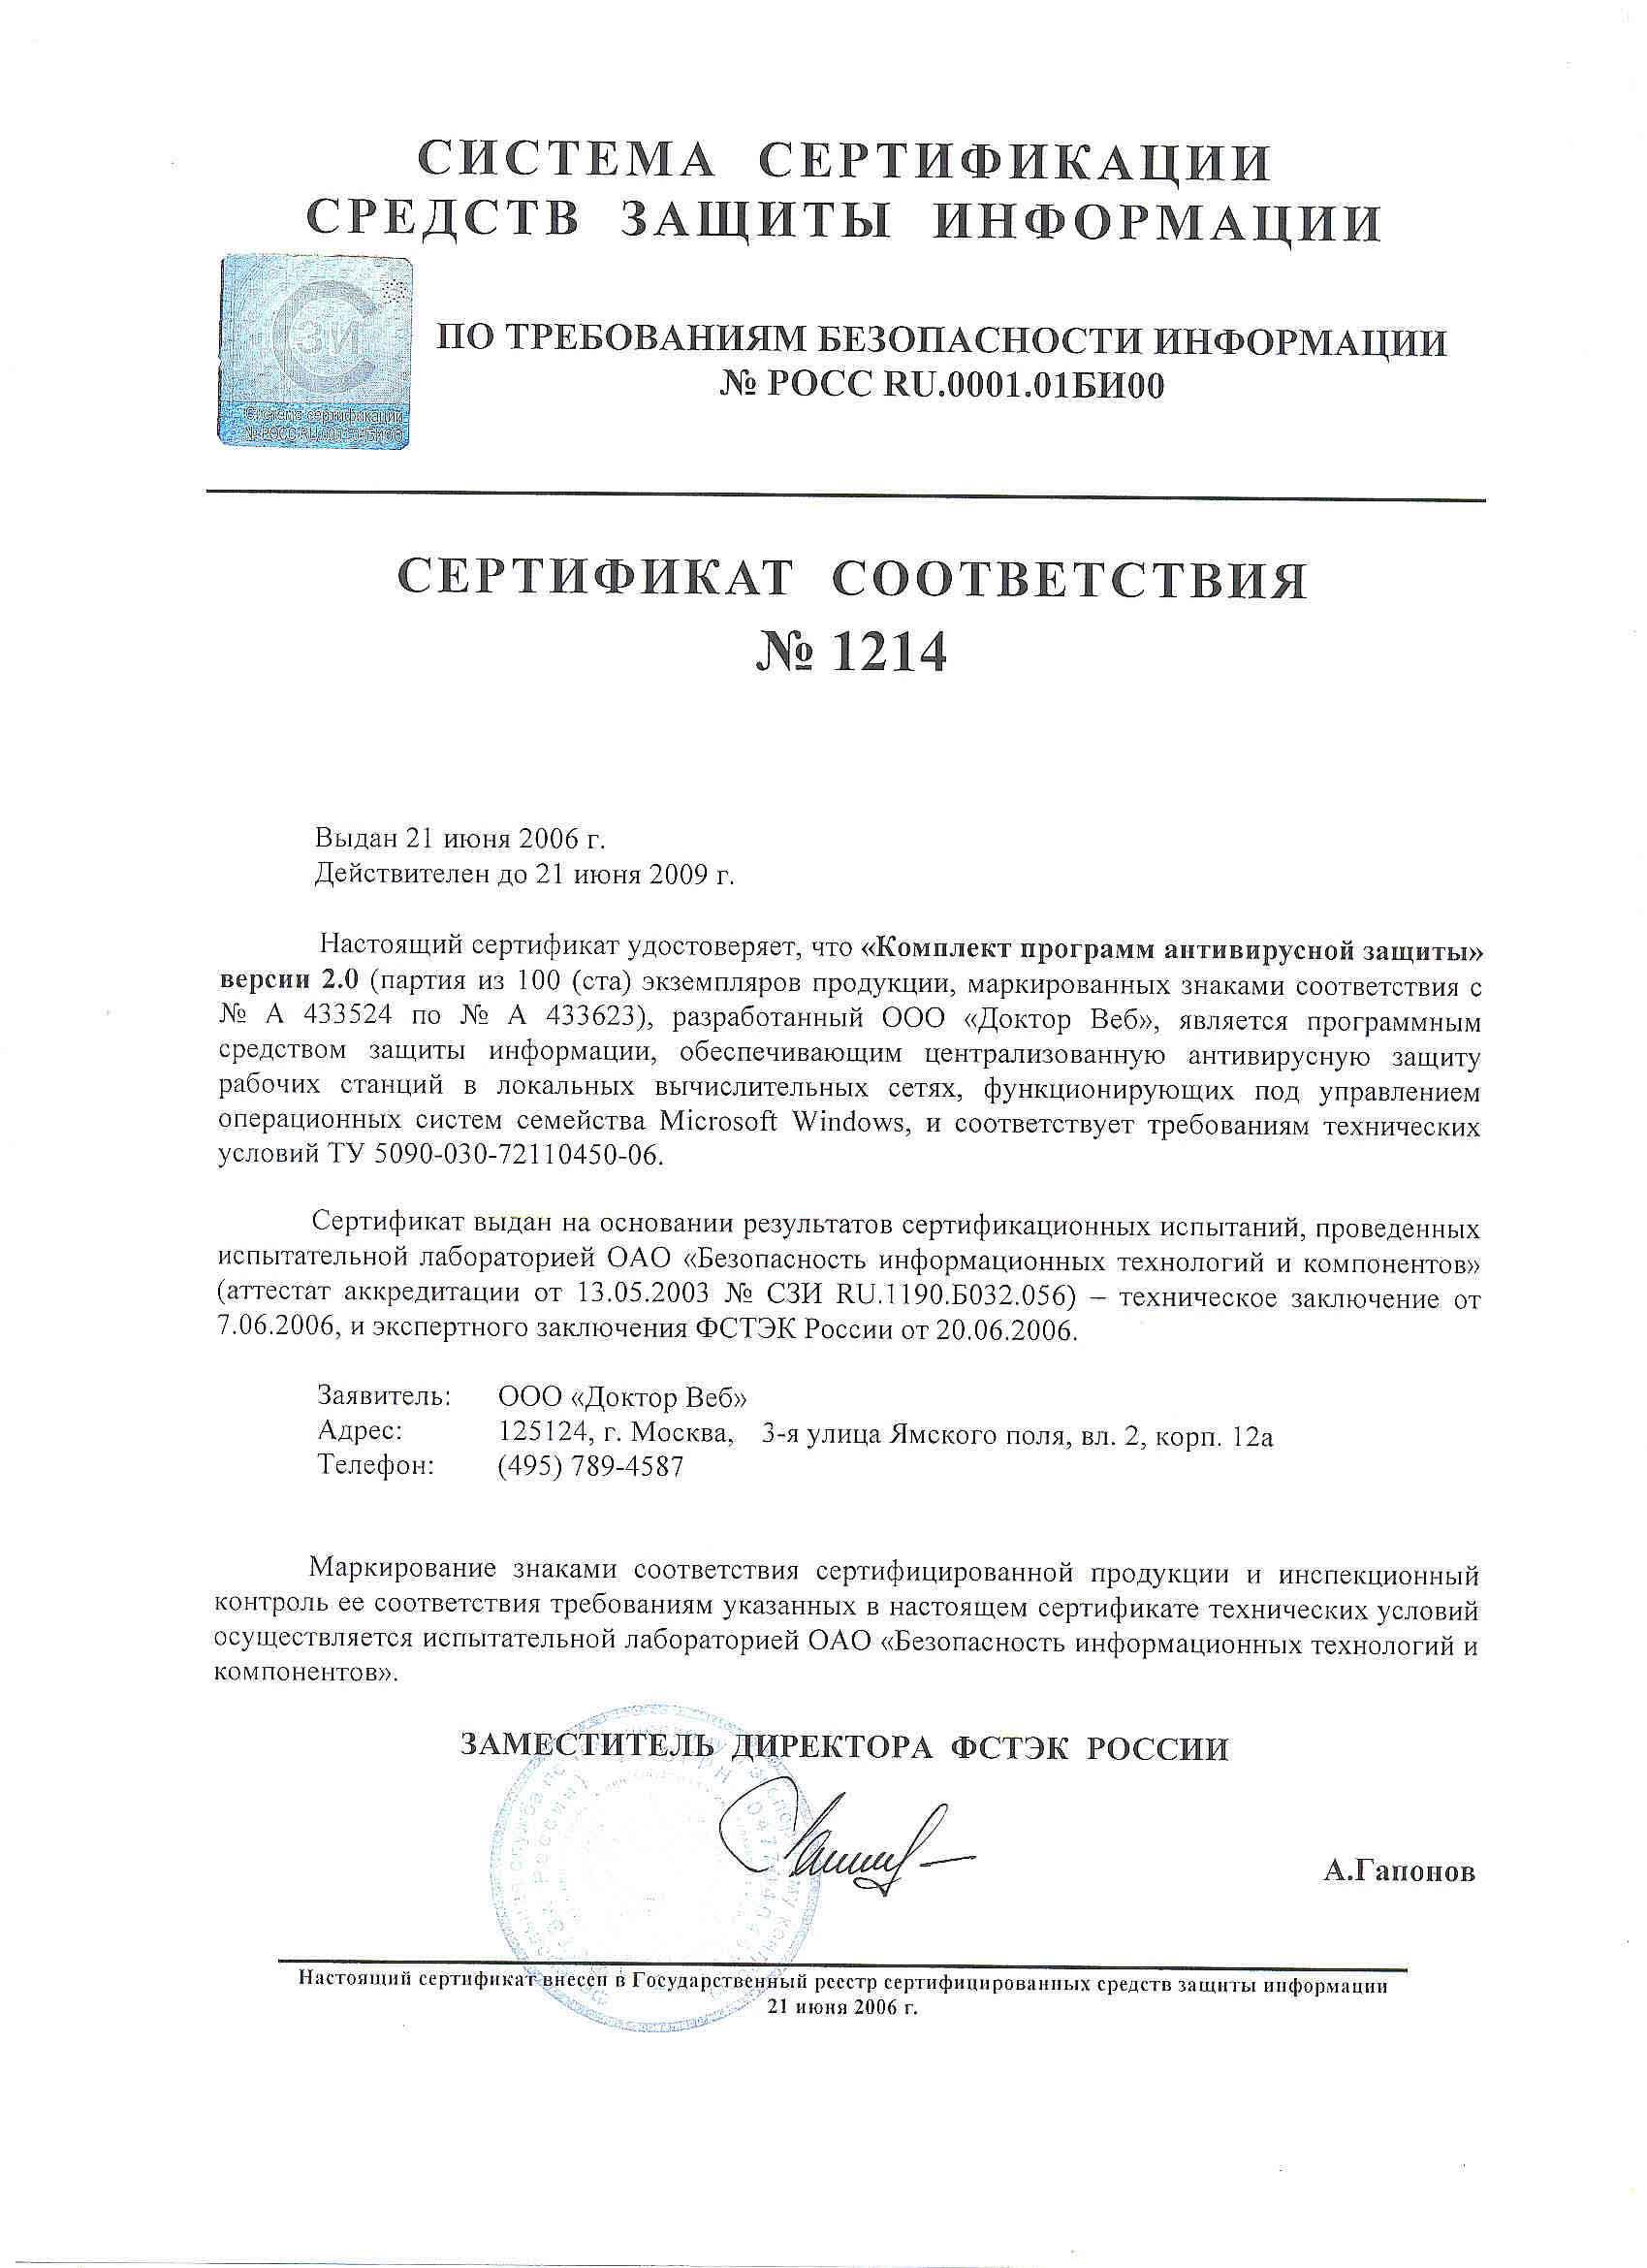 Лаборатория сертификация средств защиты информации сколько стоит сертификация в системе жкх